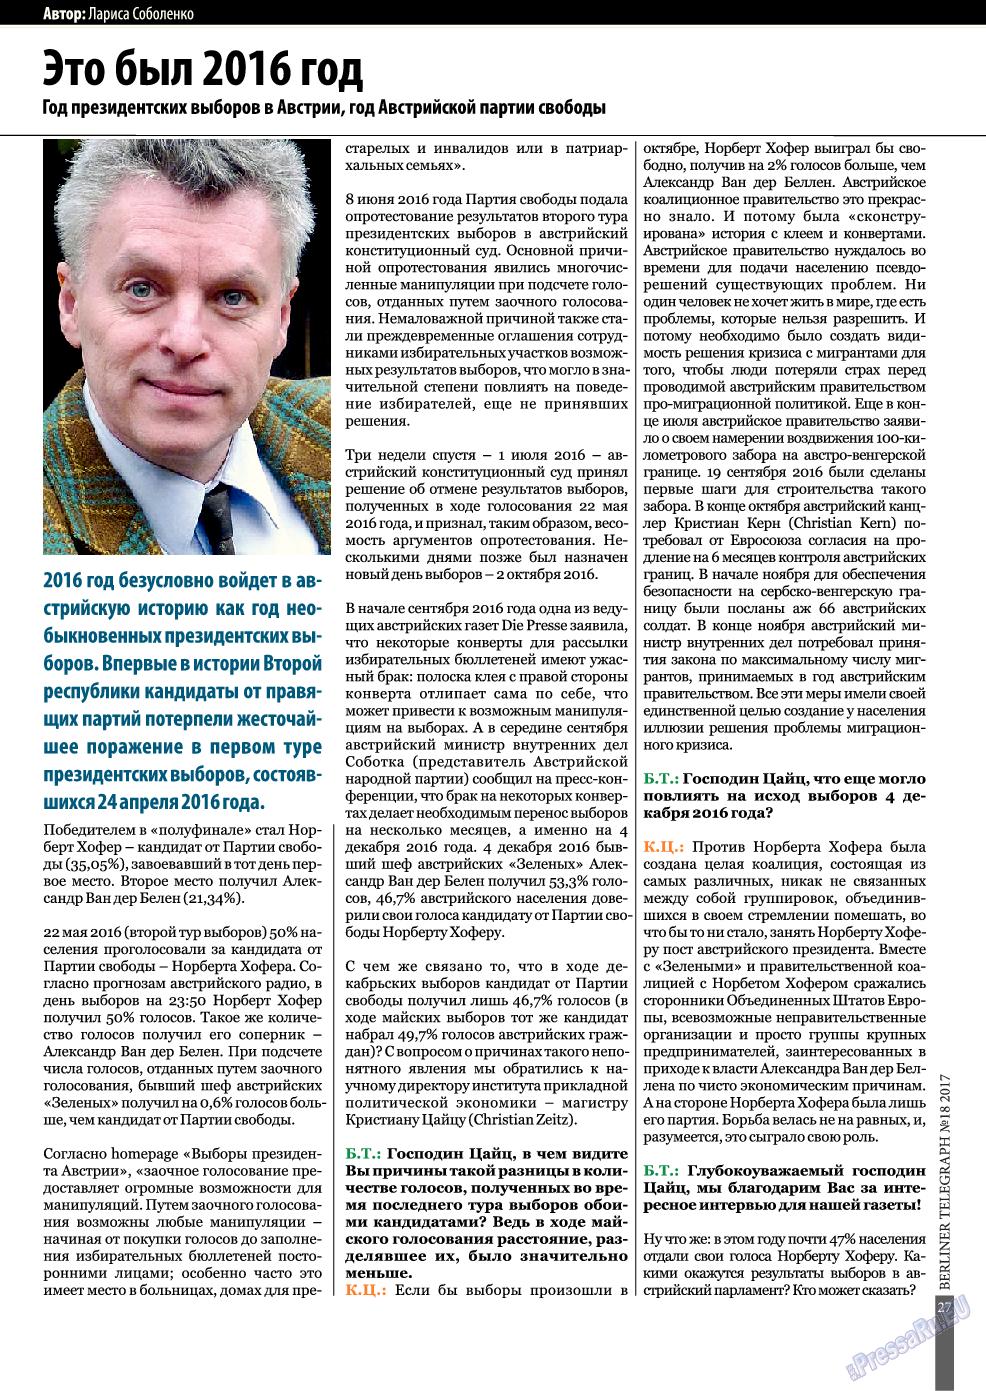 Берлинский телеграф (журнал). 2017 год, номер 18, стр. 27